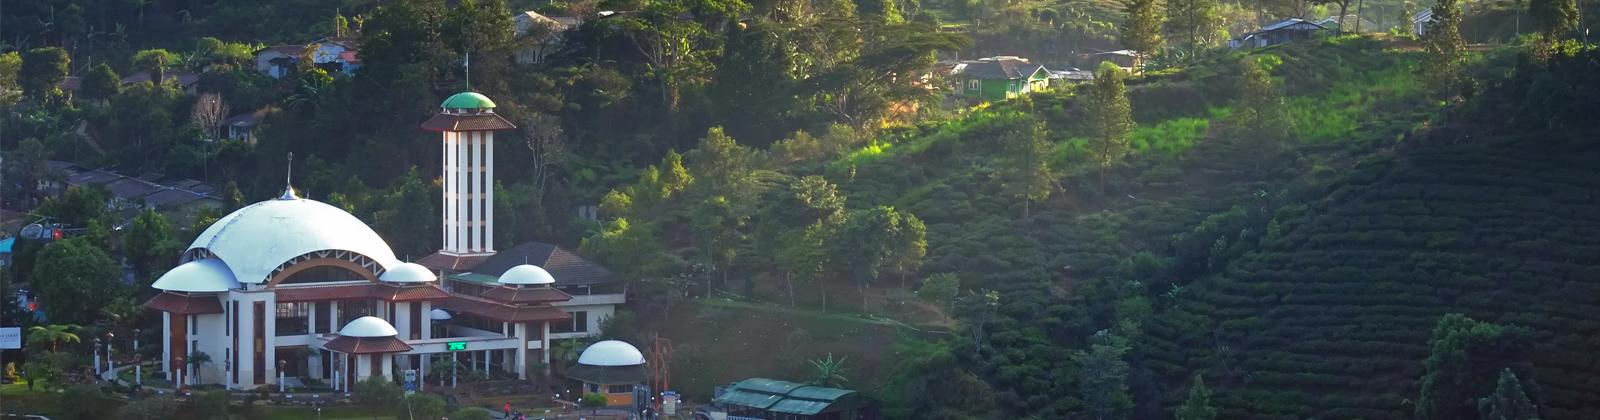 9 tempat wisata di puncak dan bogor selain kebun teh cipanas dan rh skyscanner co id